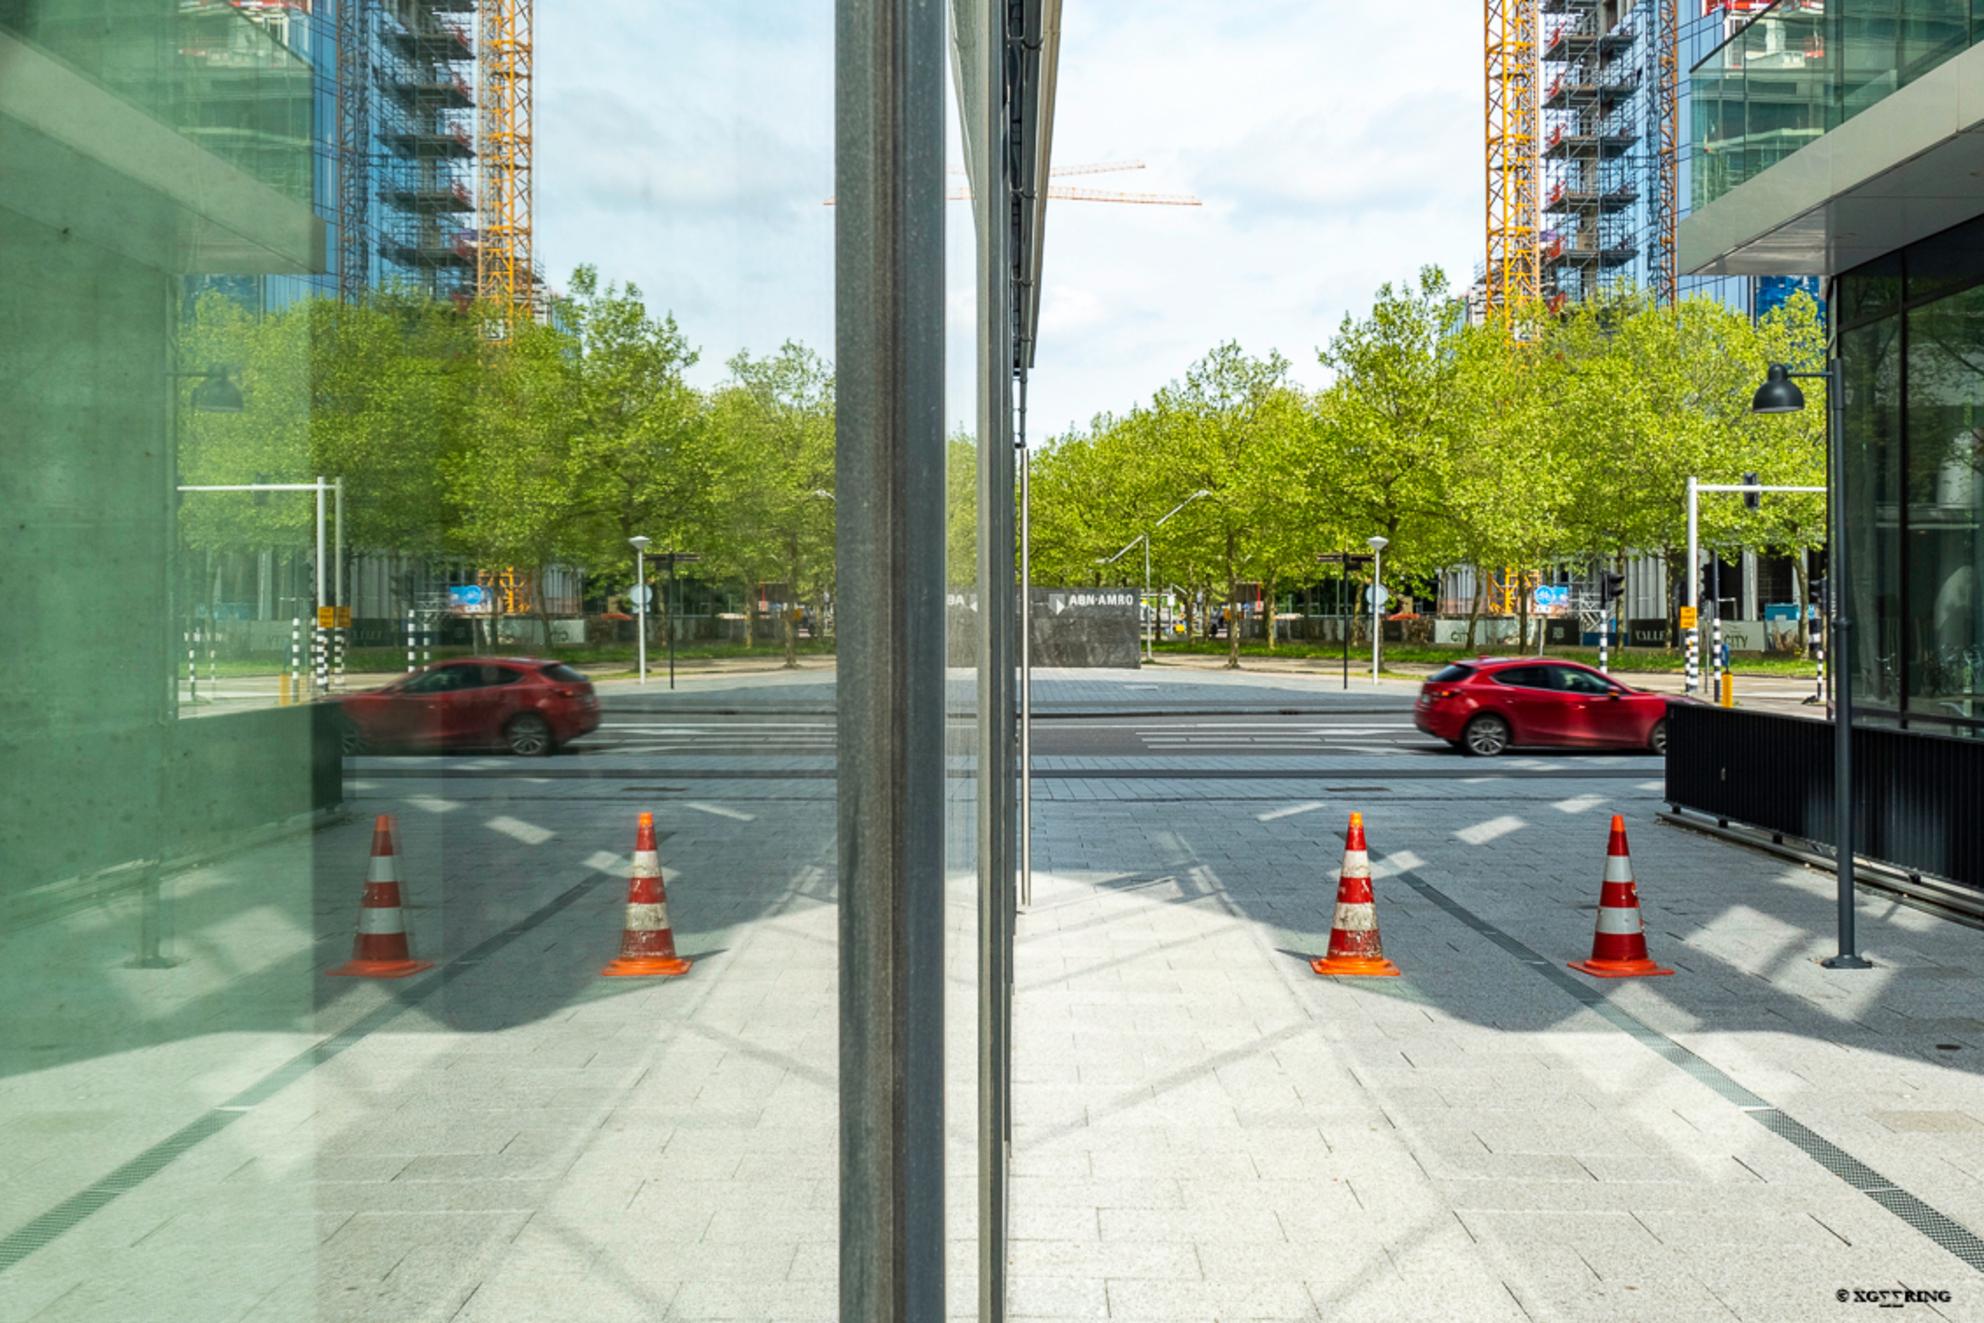 Zuidas 9 - Op dezelfde positie als de vorige foto maar dan 90° rechtsom gedraaid (of voor wie dat liever heeft 270° linksom), met behulp van het glas eenzelfde  - foto door xgeering op 12-05-2020 - deze foto bevat: amsterdam, kleur, glas, lijnen, architectuur, spiegeling, reflectie, auto, gebouw, perspectief, beweging, straatfotografie, zuidas - Deze foto mag gebruikt worden in een Zoom.nl publicatie